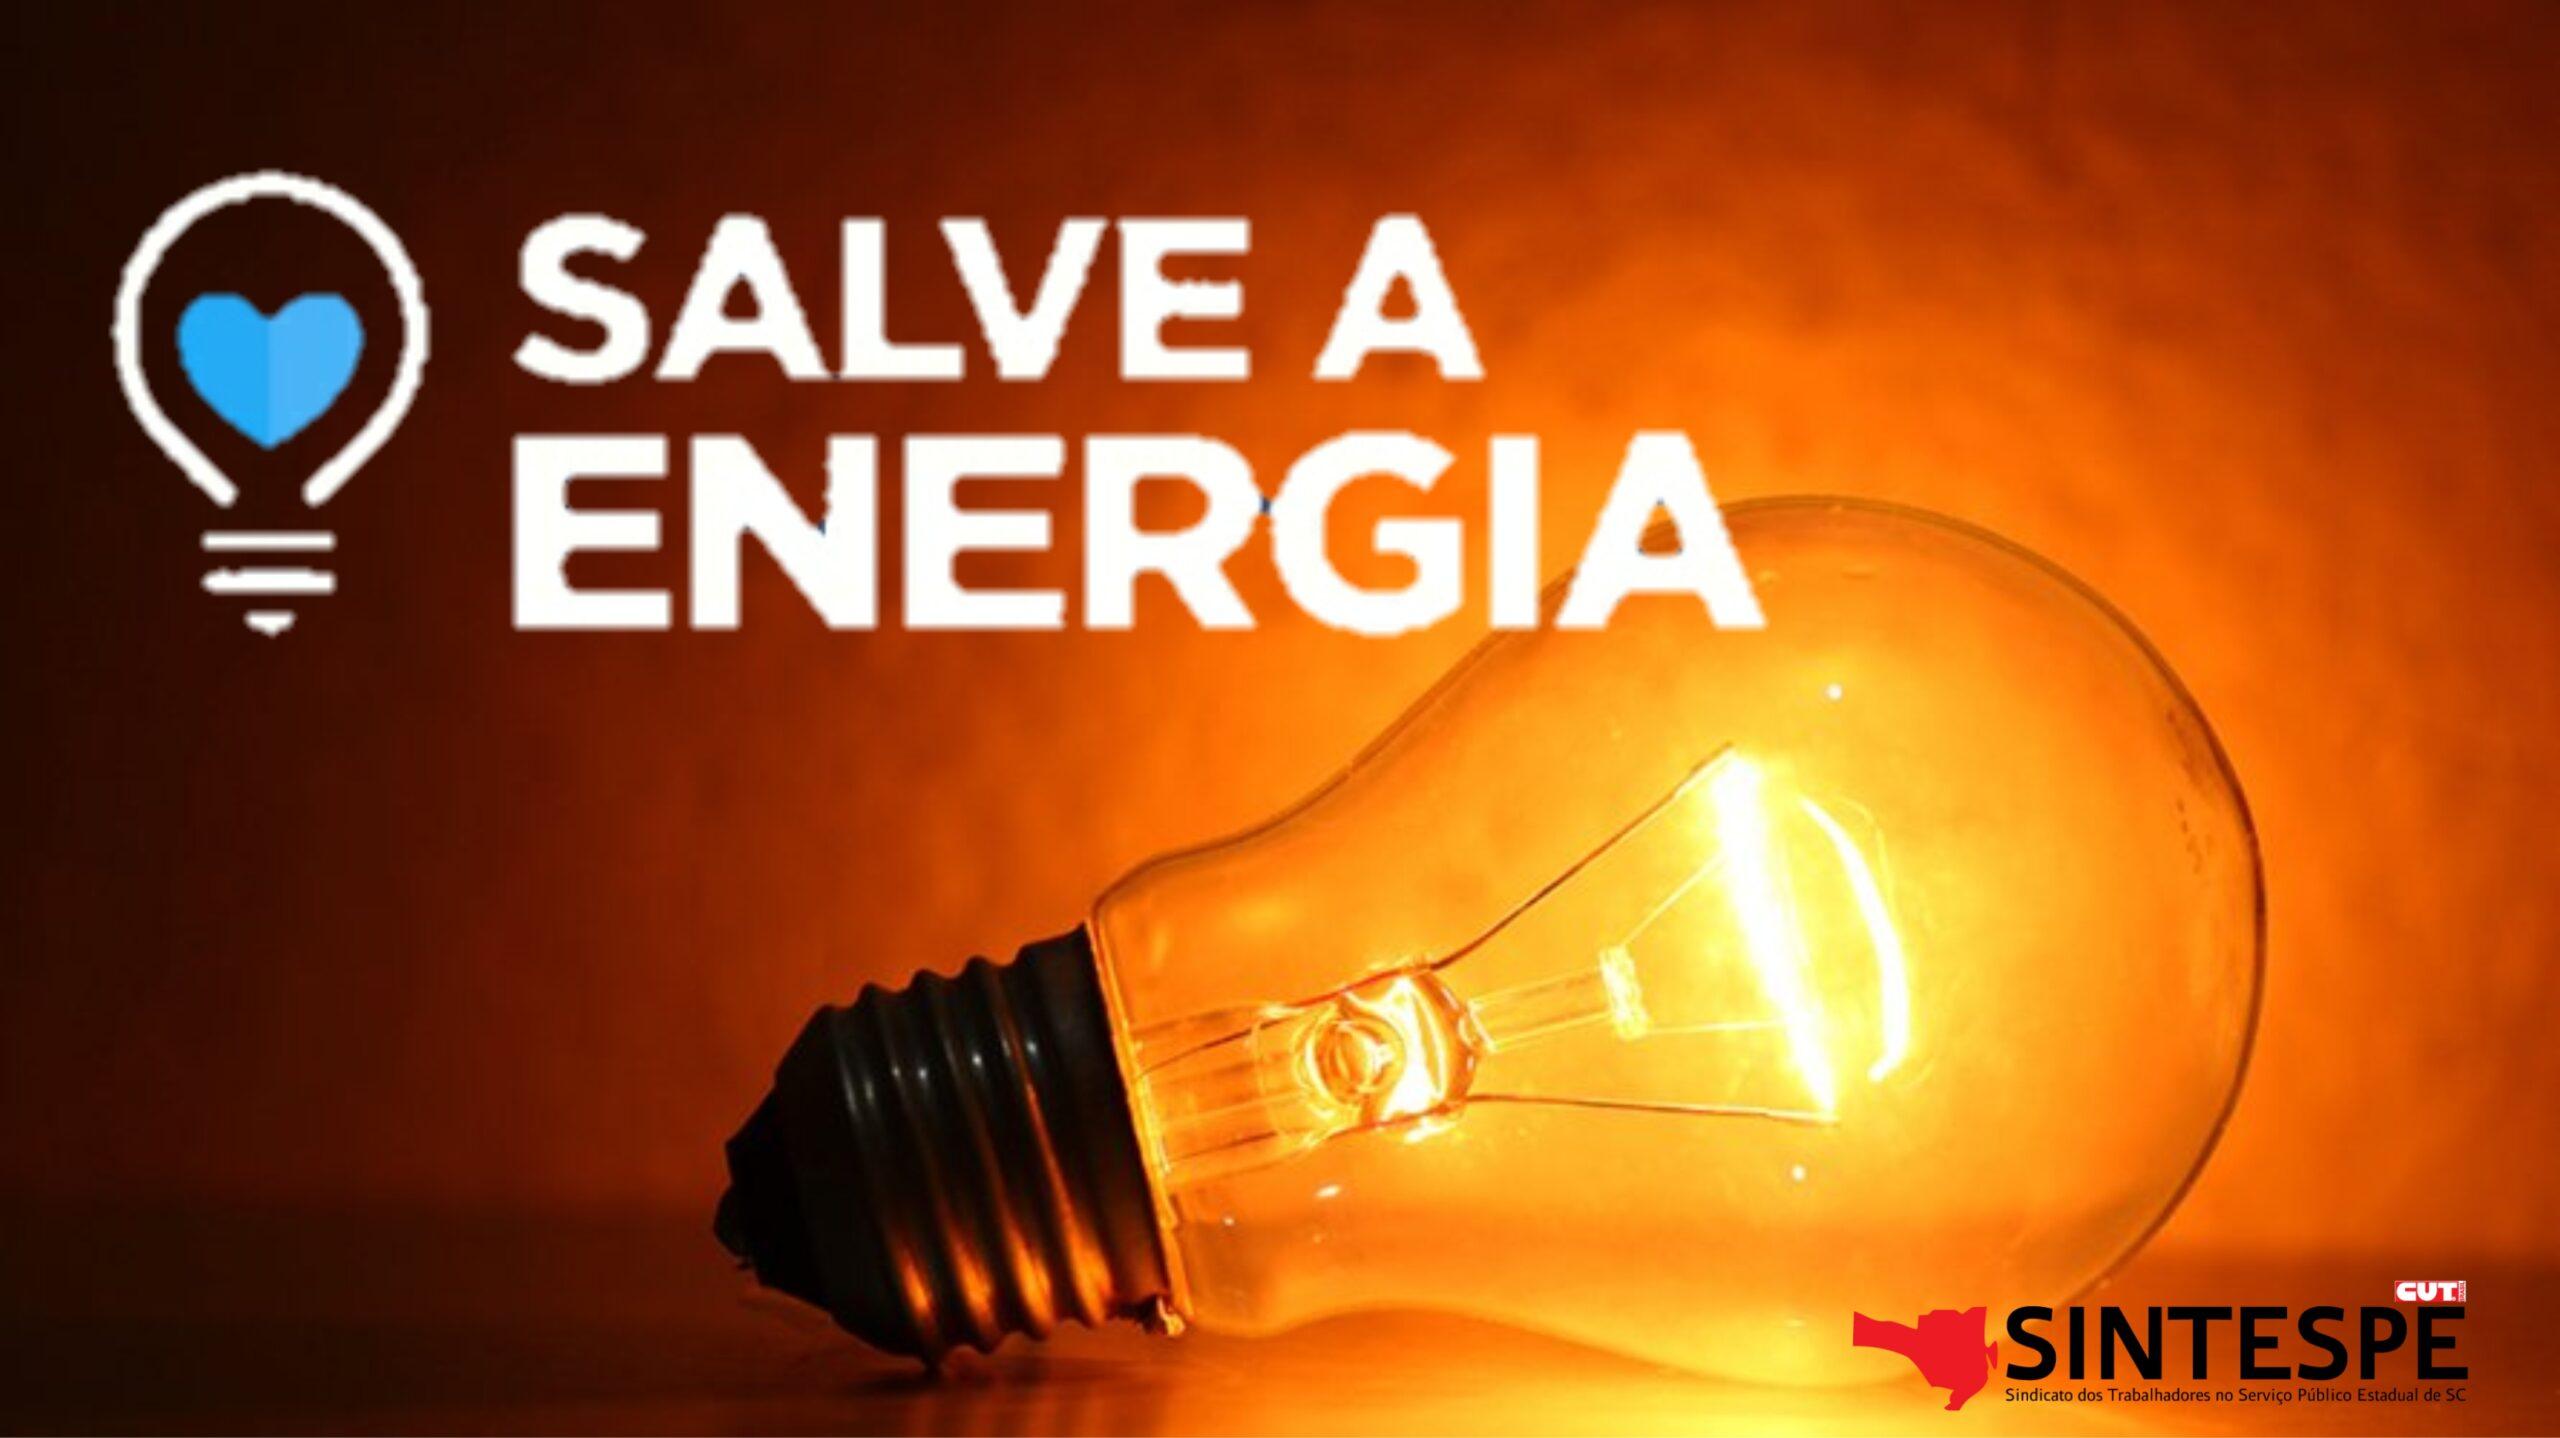 SALVE A ENERGIA